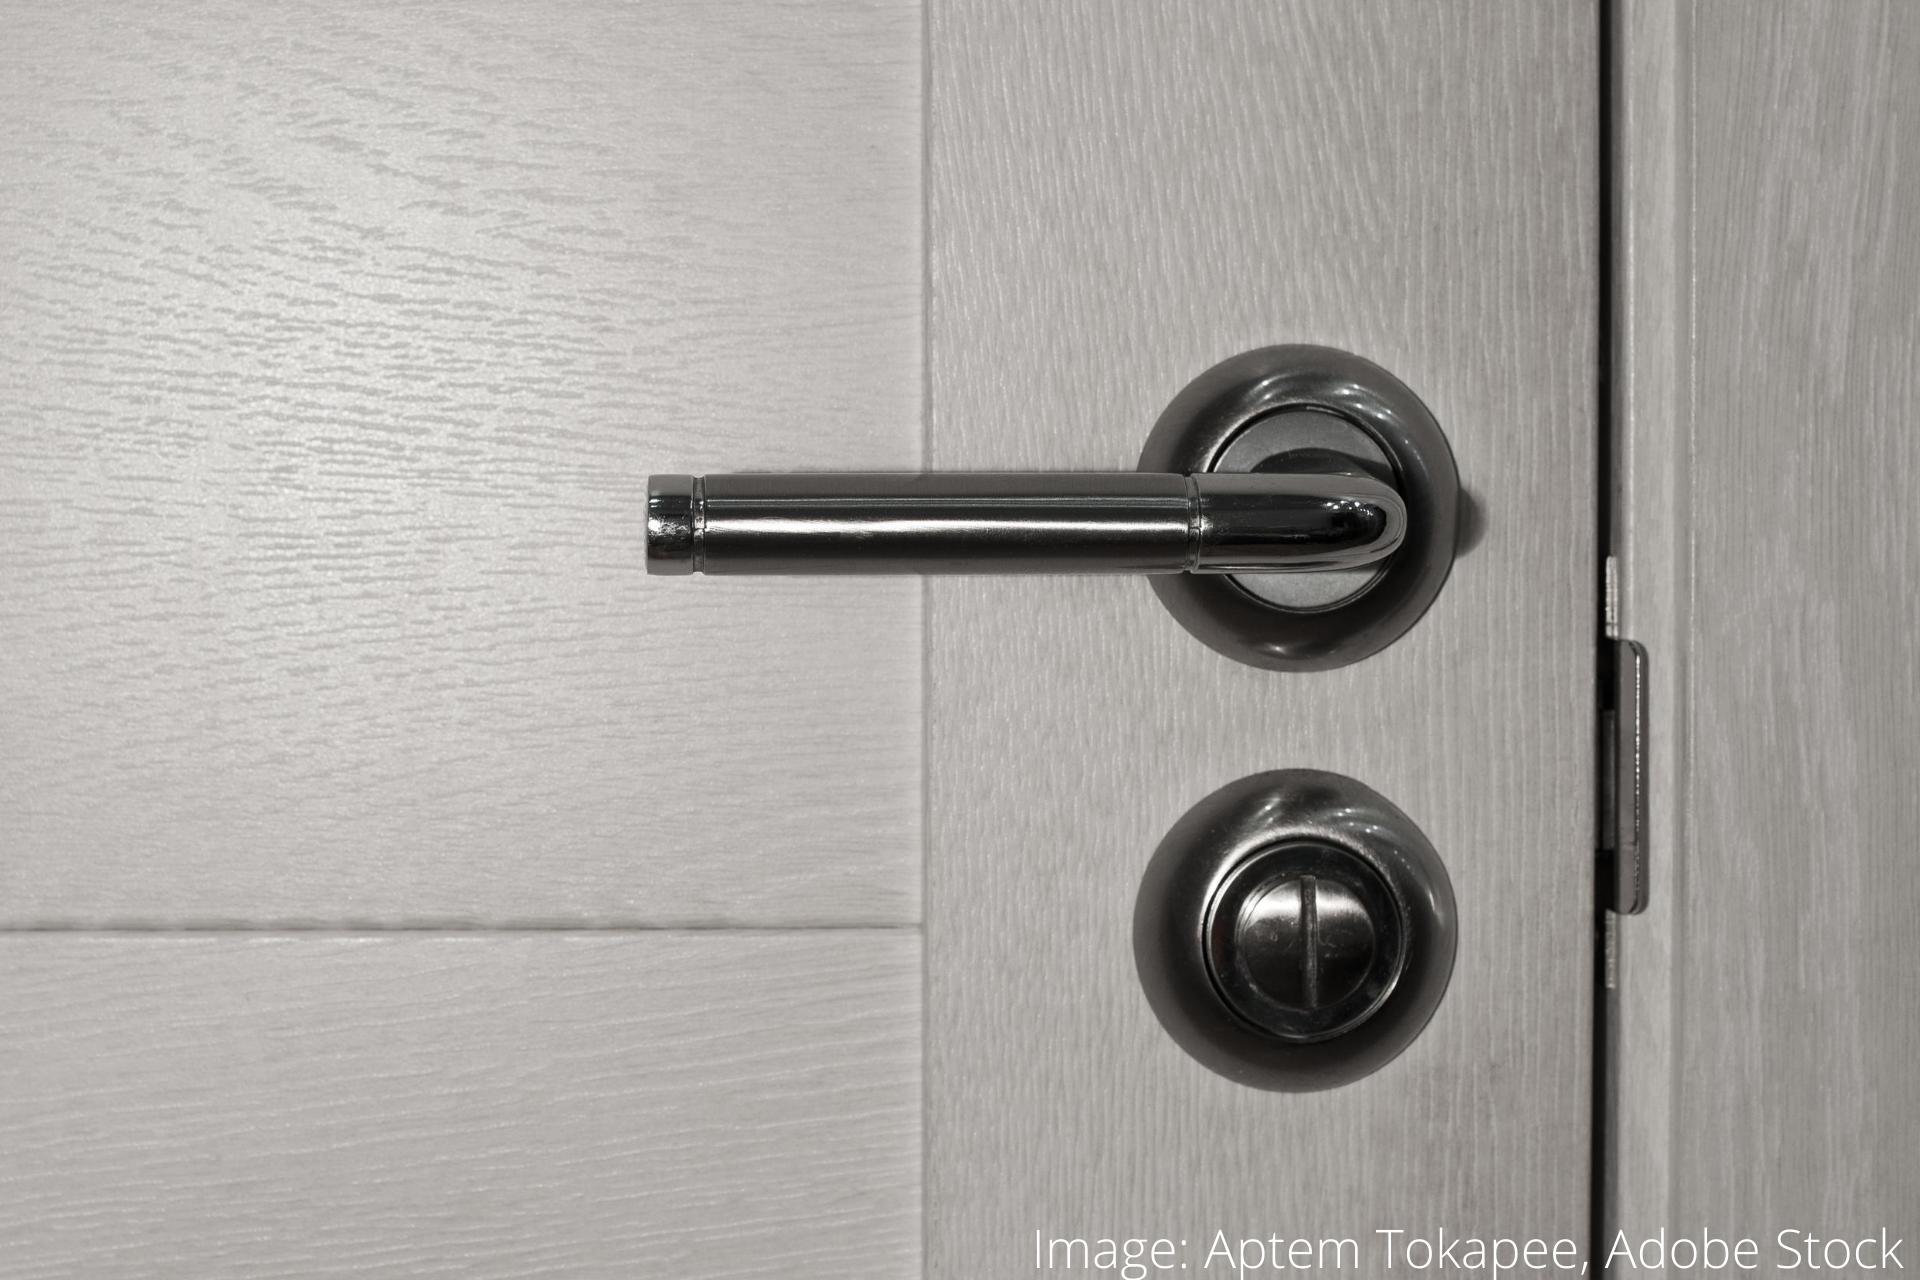 hvordan du nemt renser dørhåndtag (1)